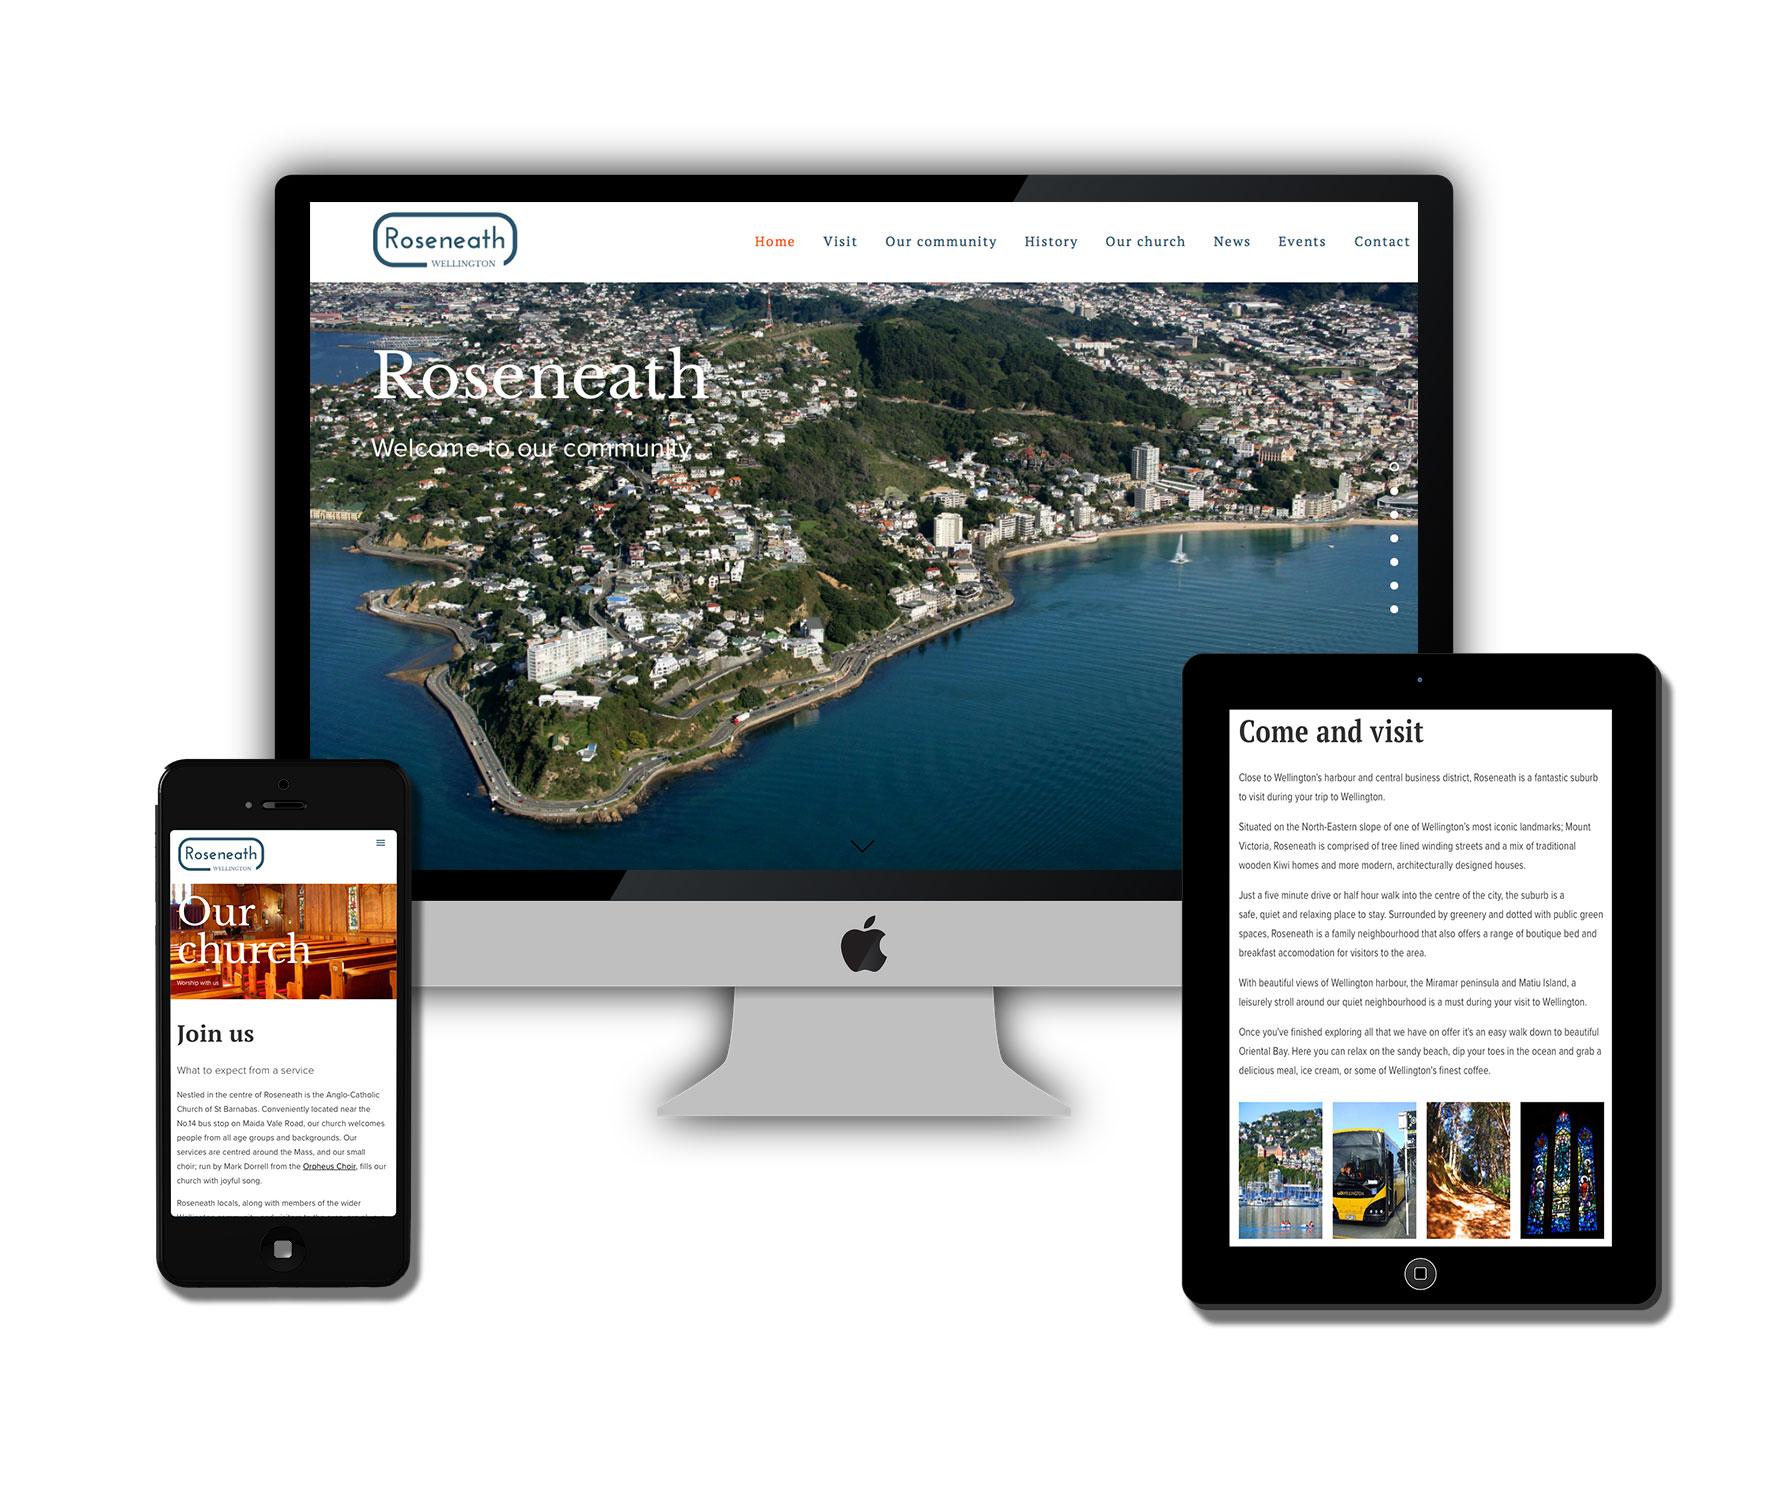 Roseneath Community non for profit website